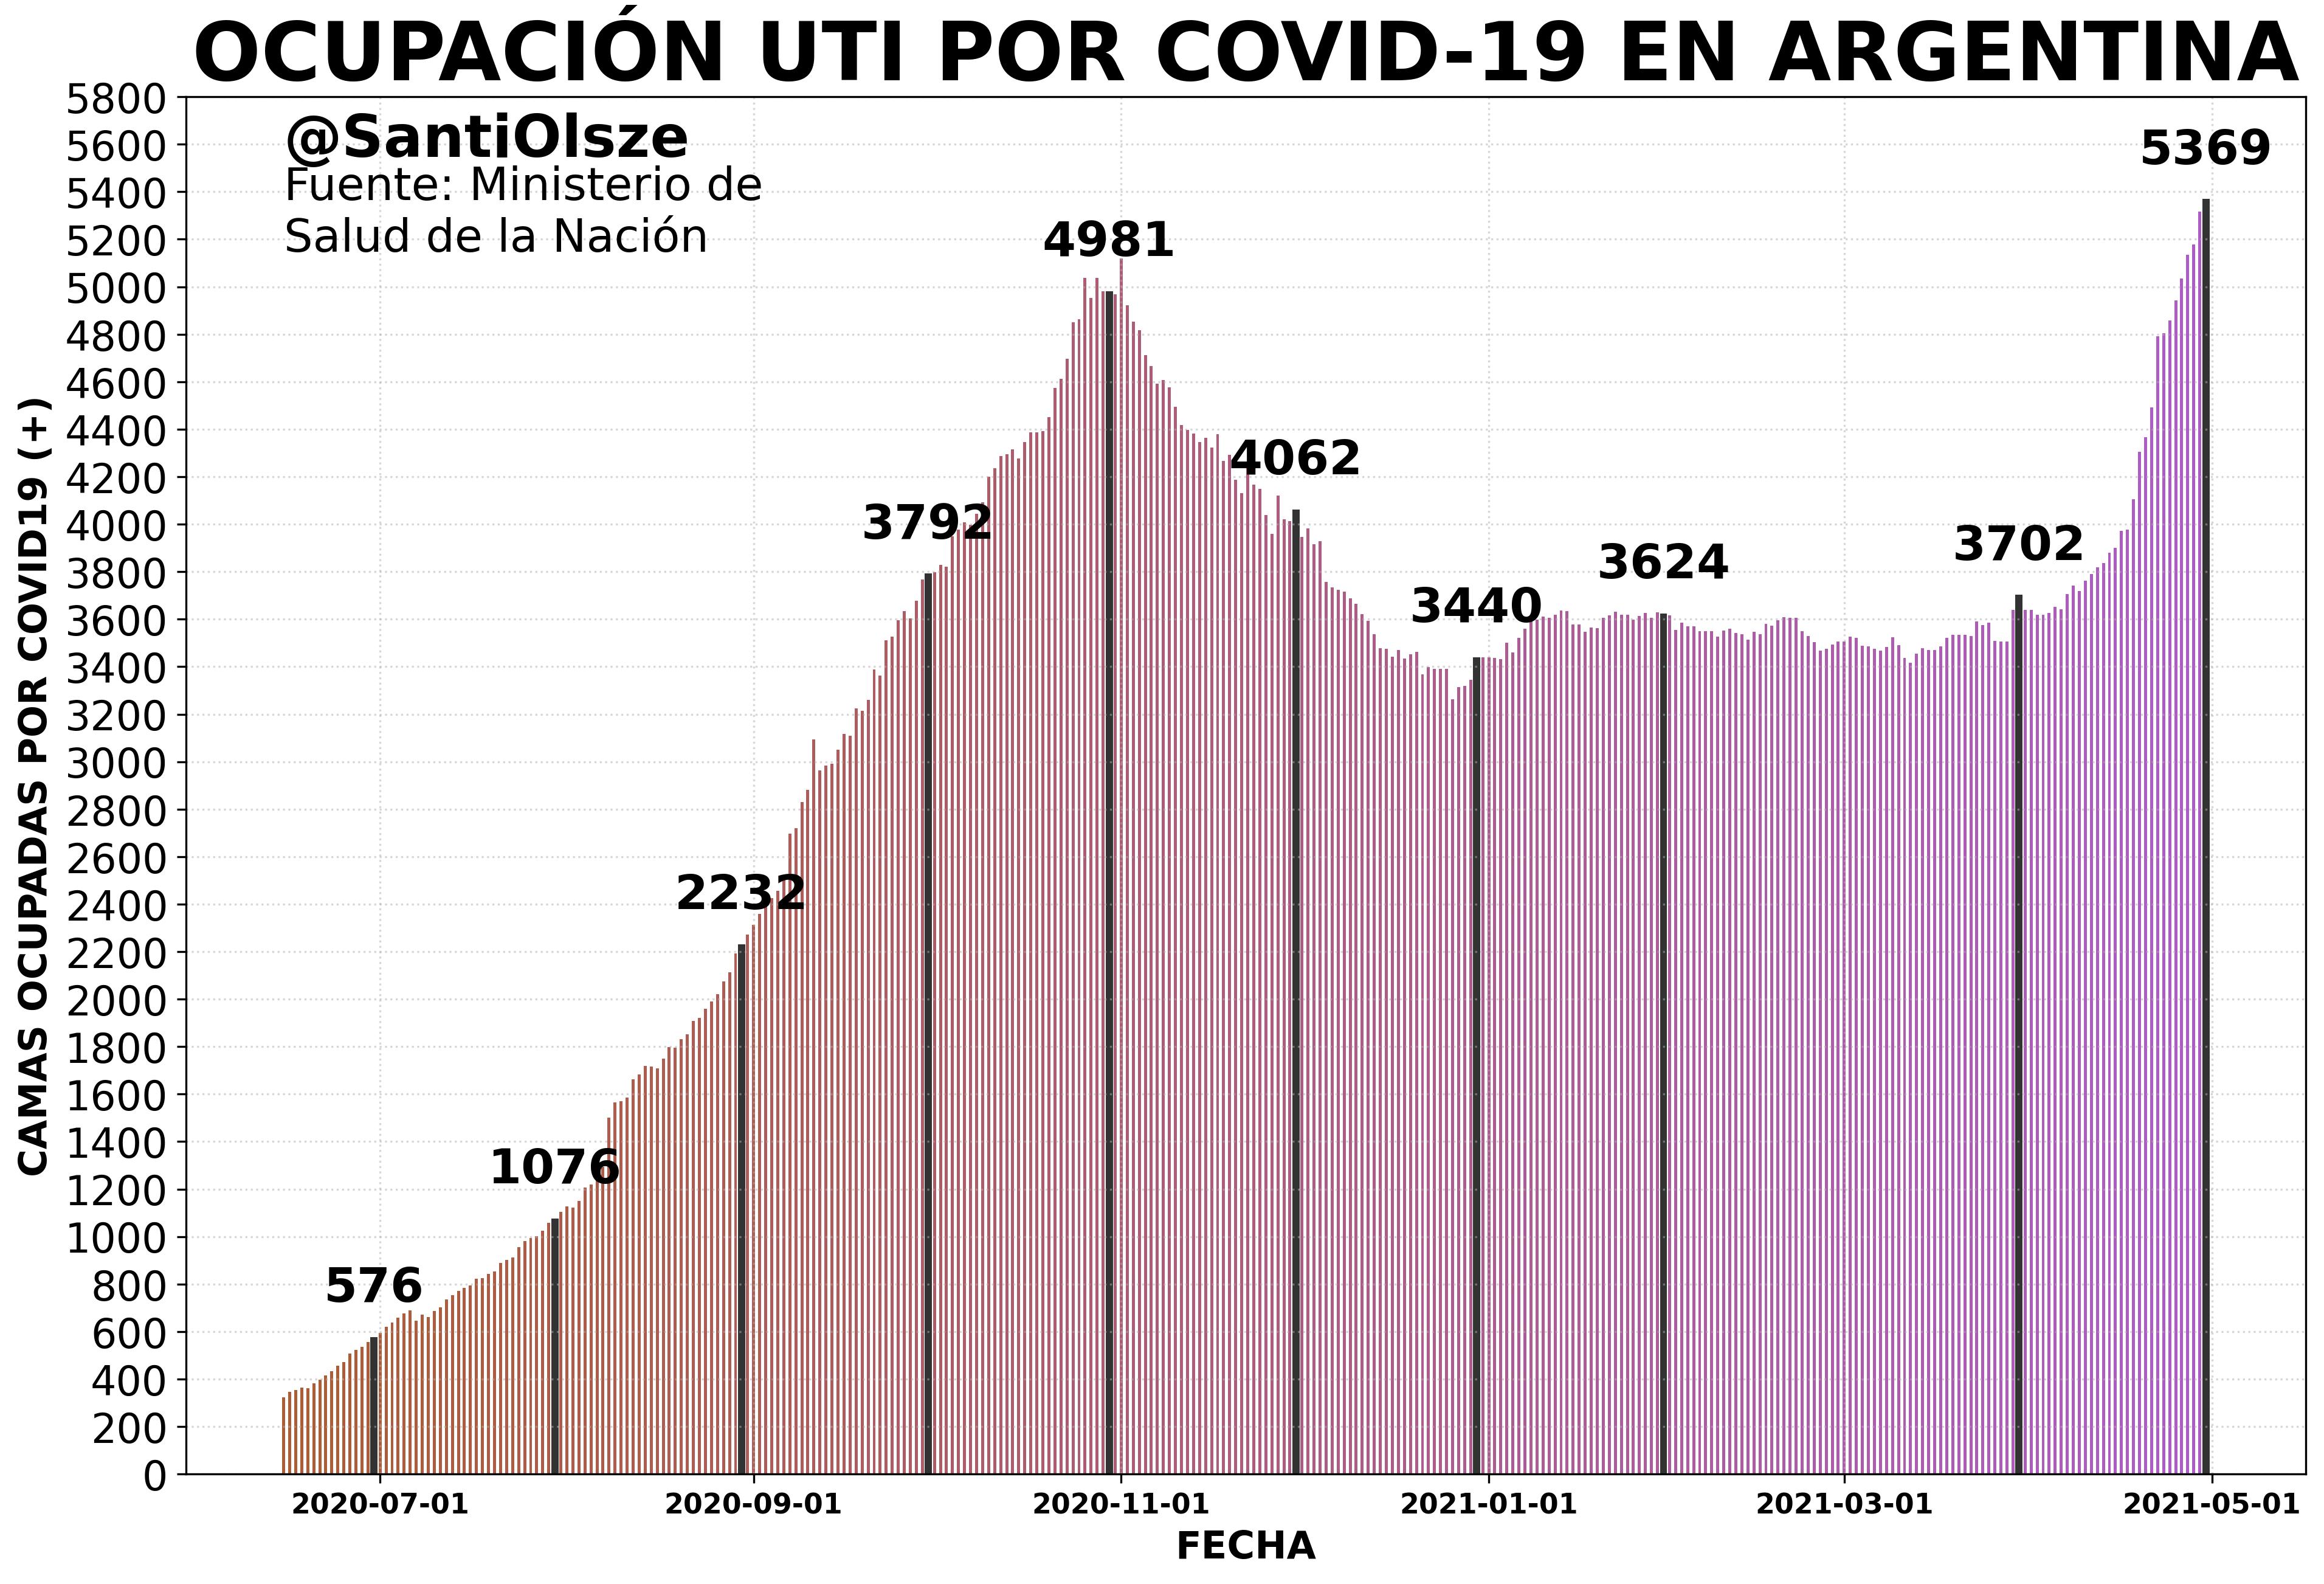 Medidas dispuestas hasta el 21 de mayo contra el coronavirus.